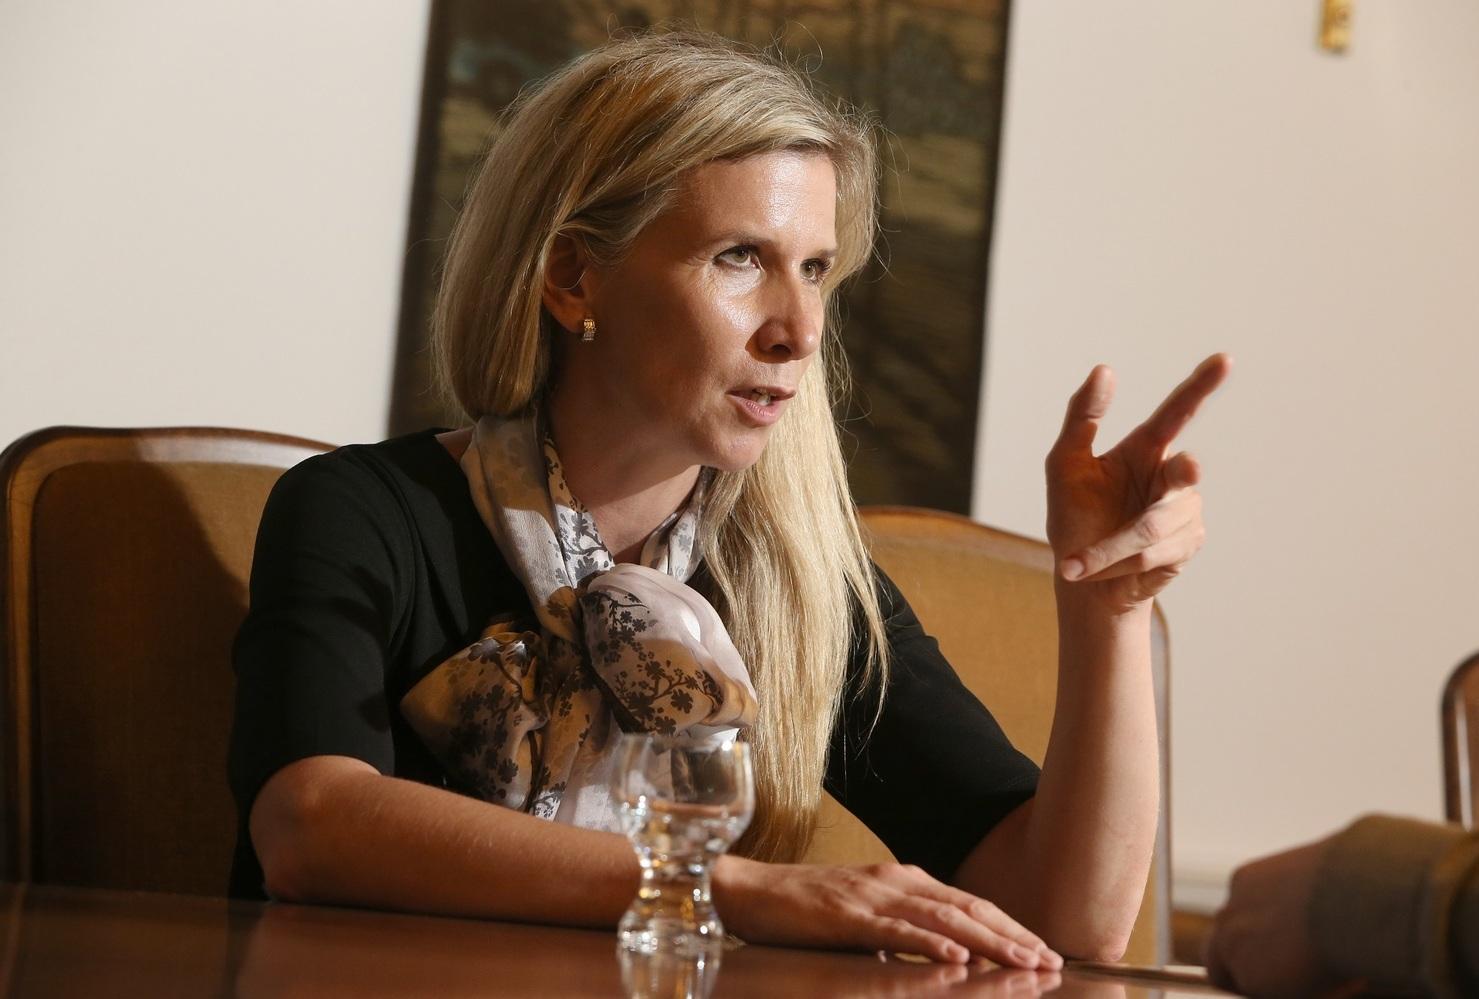 Ministru školství Plagovi už nevěřím, říká Kateřina Valachová